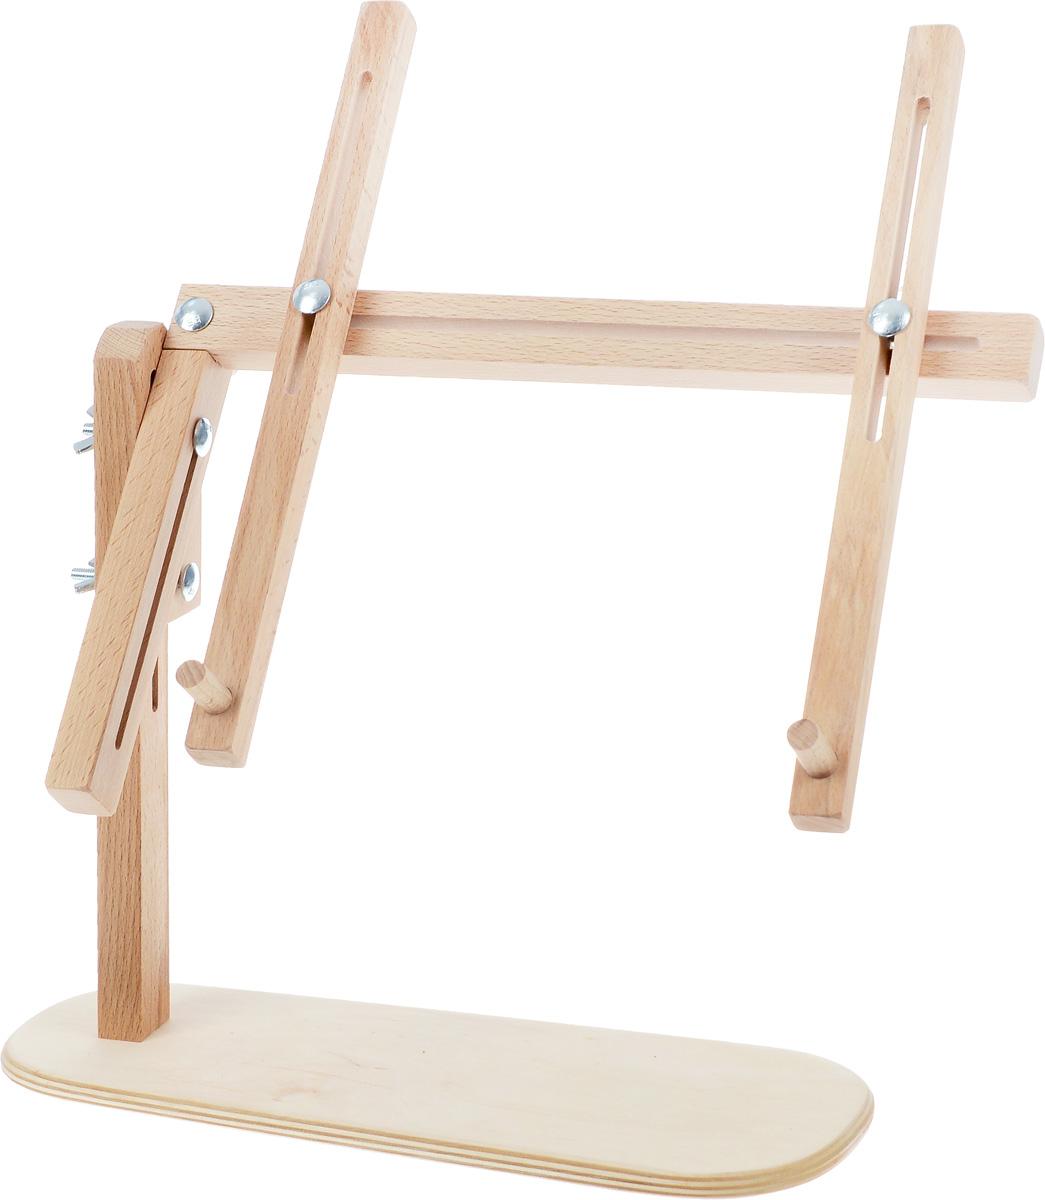 Подставка для рамок Бос универсальная015BOSОбеспечивает комфорт вышивальщицы, сидящей в кресле, на диване или стуле, легко переносится, занимает мало места. Может использоваться и в настольном варианте. Изготовлены из бука. Пяльцы в комплект не входят. Материал: дерево, бук